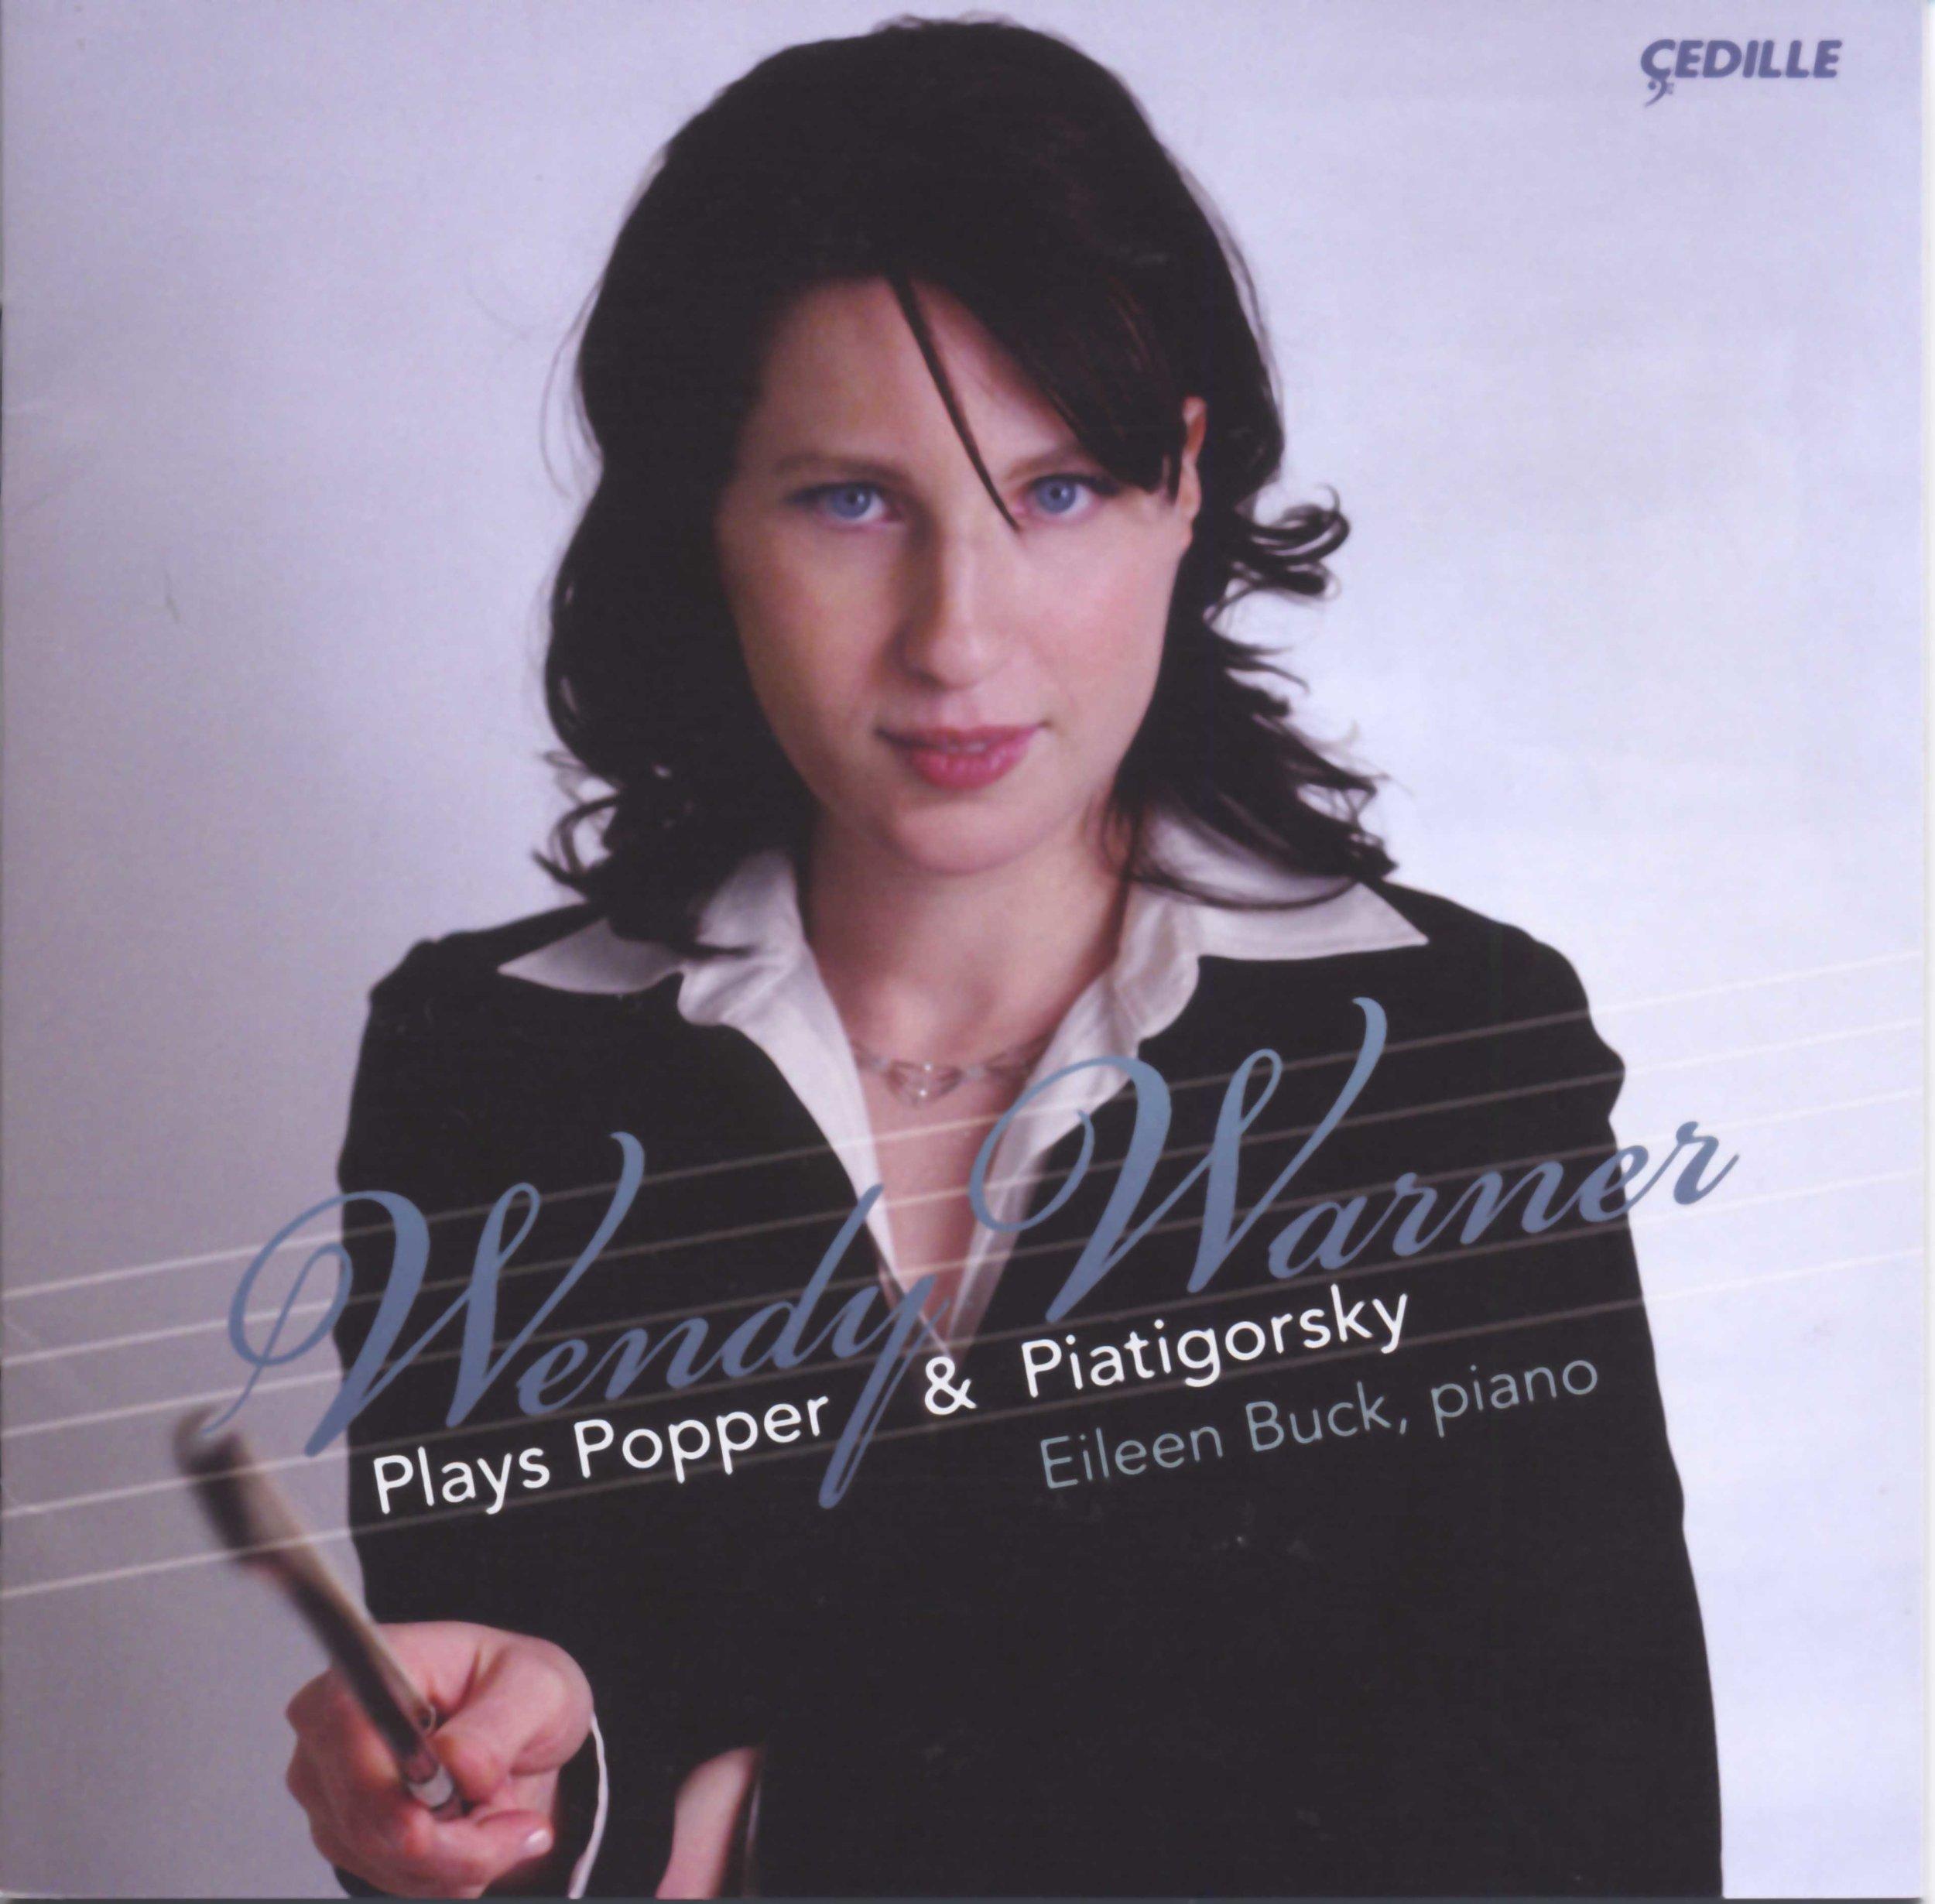 wendy-popper+piatigorsky-1500px.jpg